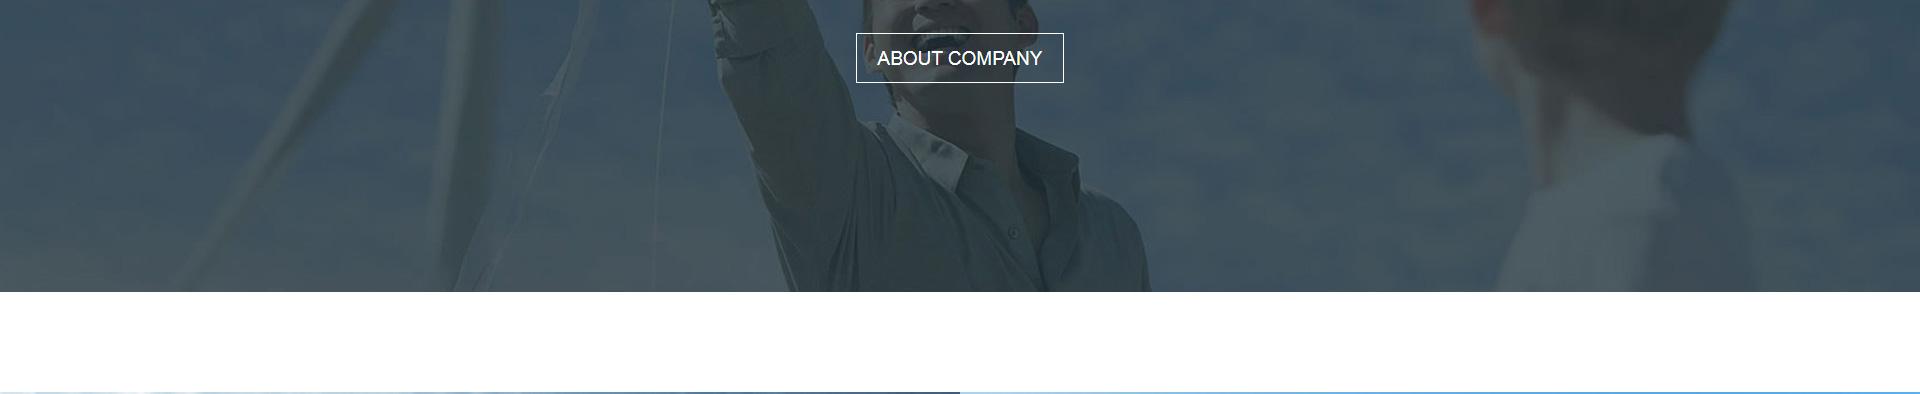 河南做网站公司